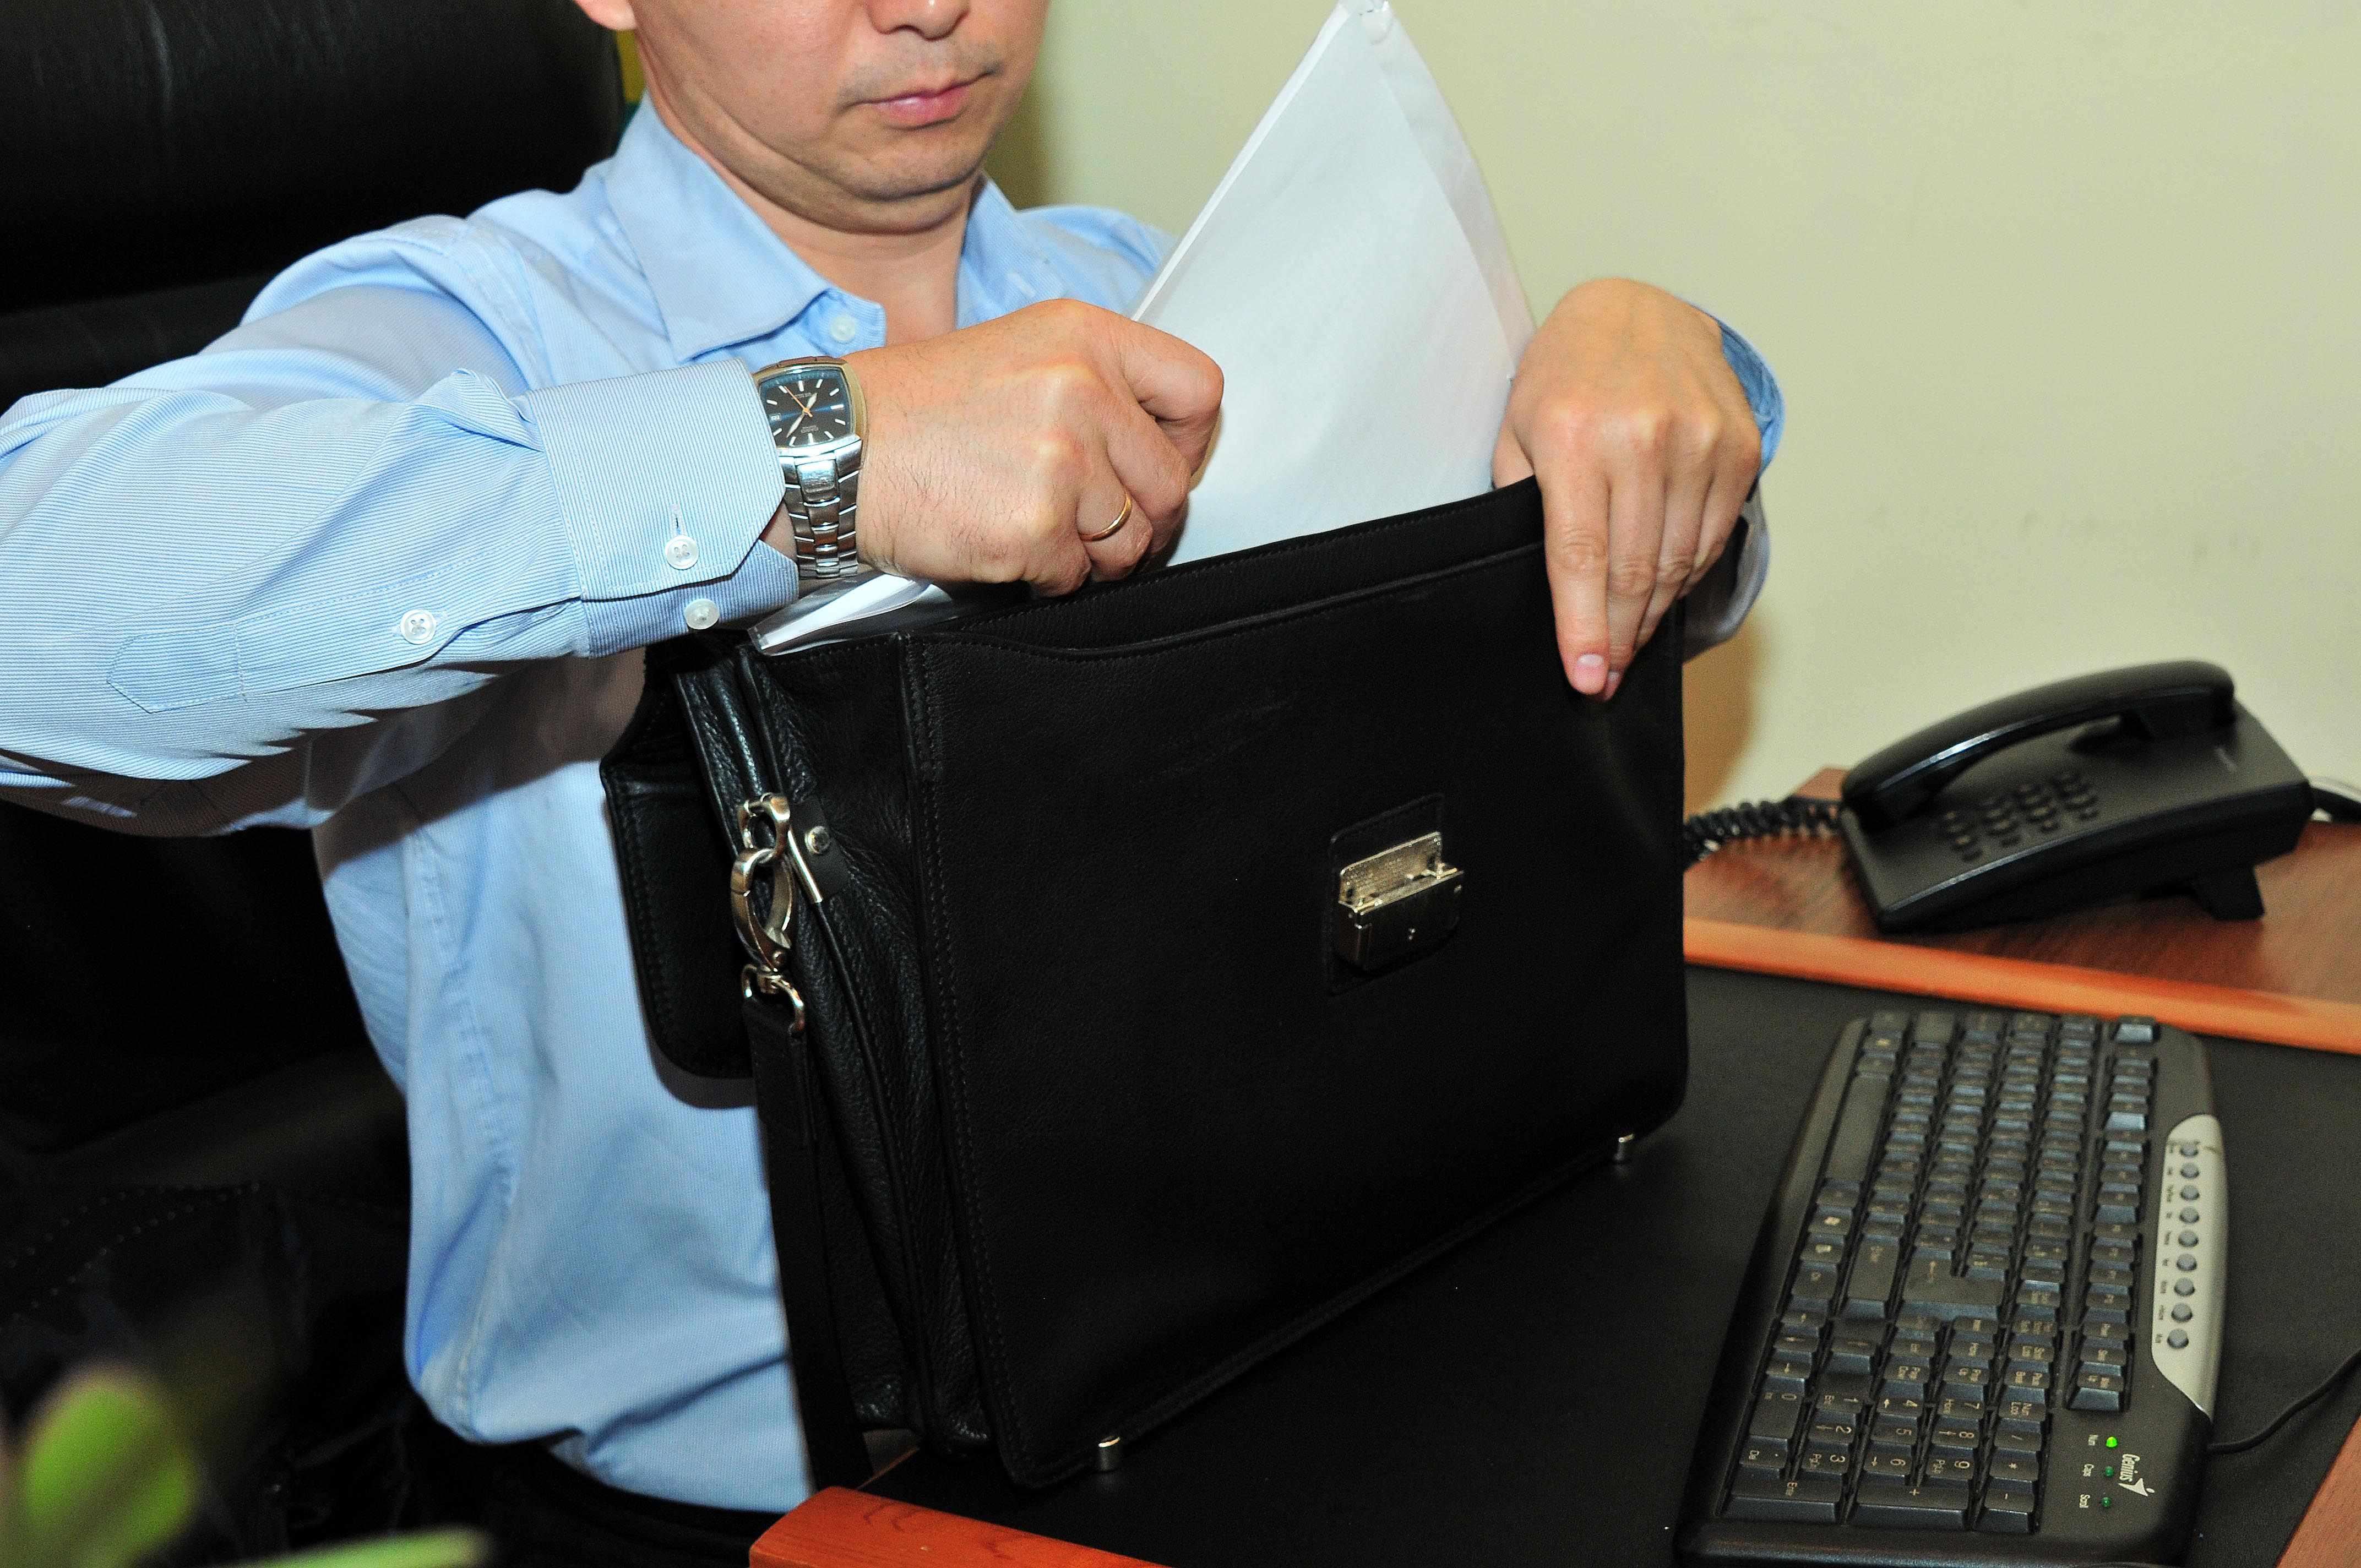 Референт выполняет информационные и координационные функции, обеспечивает выполнение государственными органами установленных задач